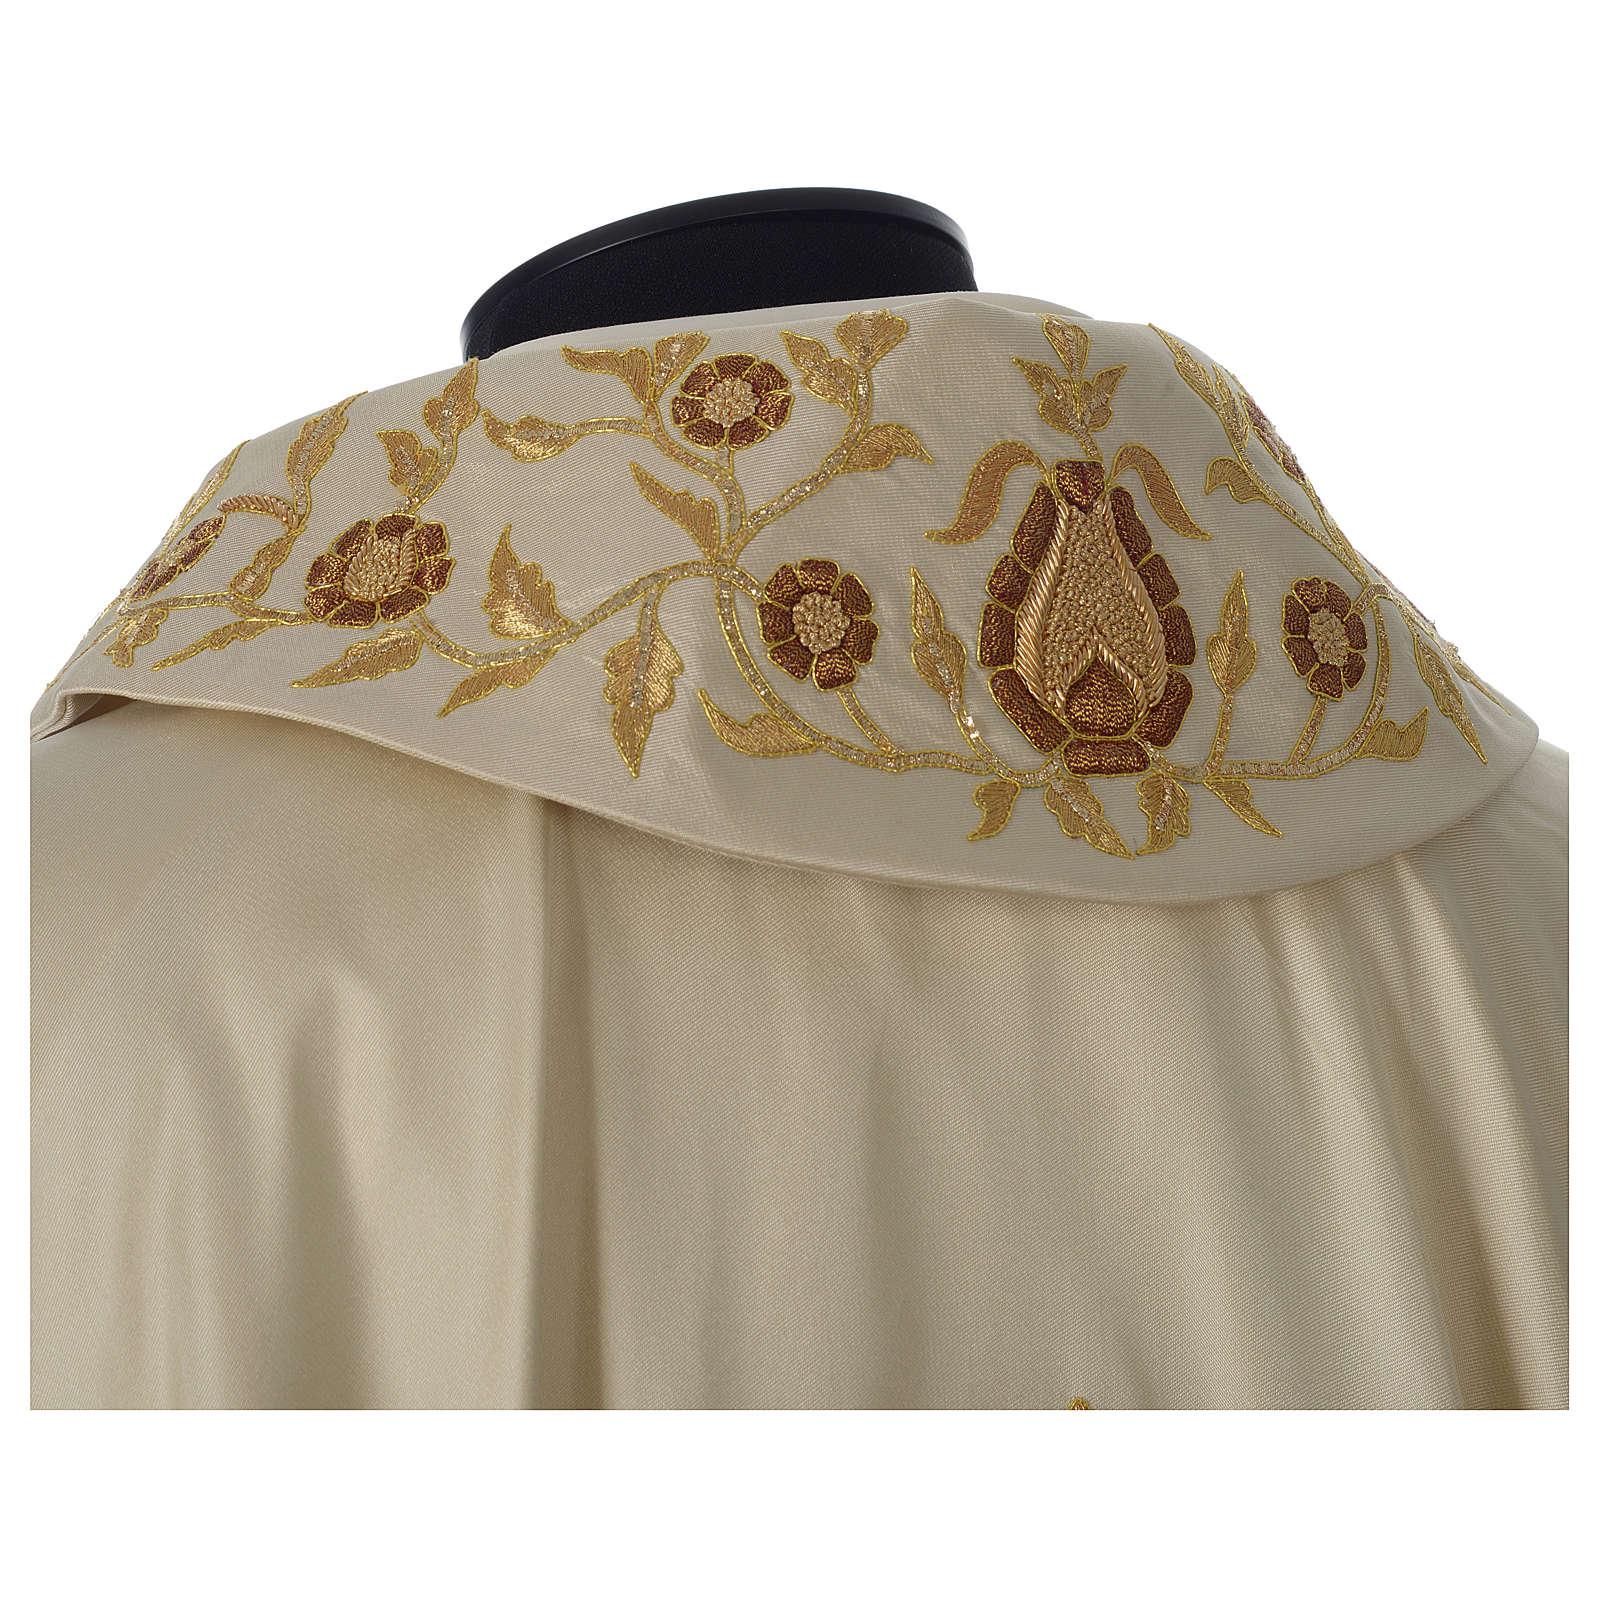 Casula 100% Seda Cruz Bordada à Mão pescoço estilo Catedral 4